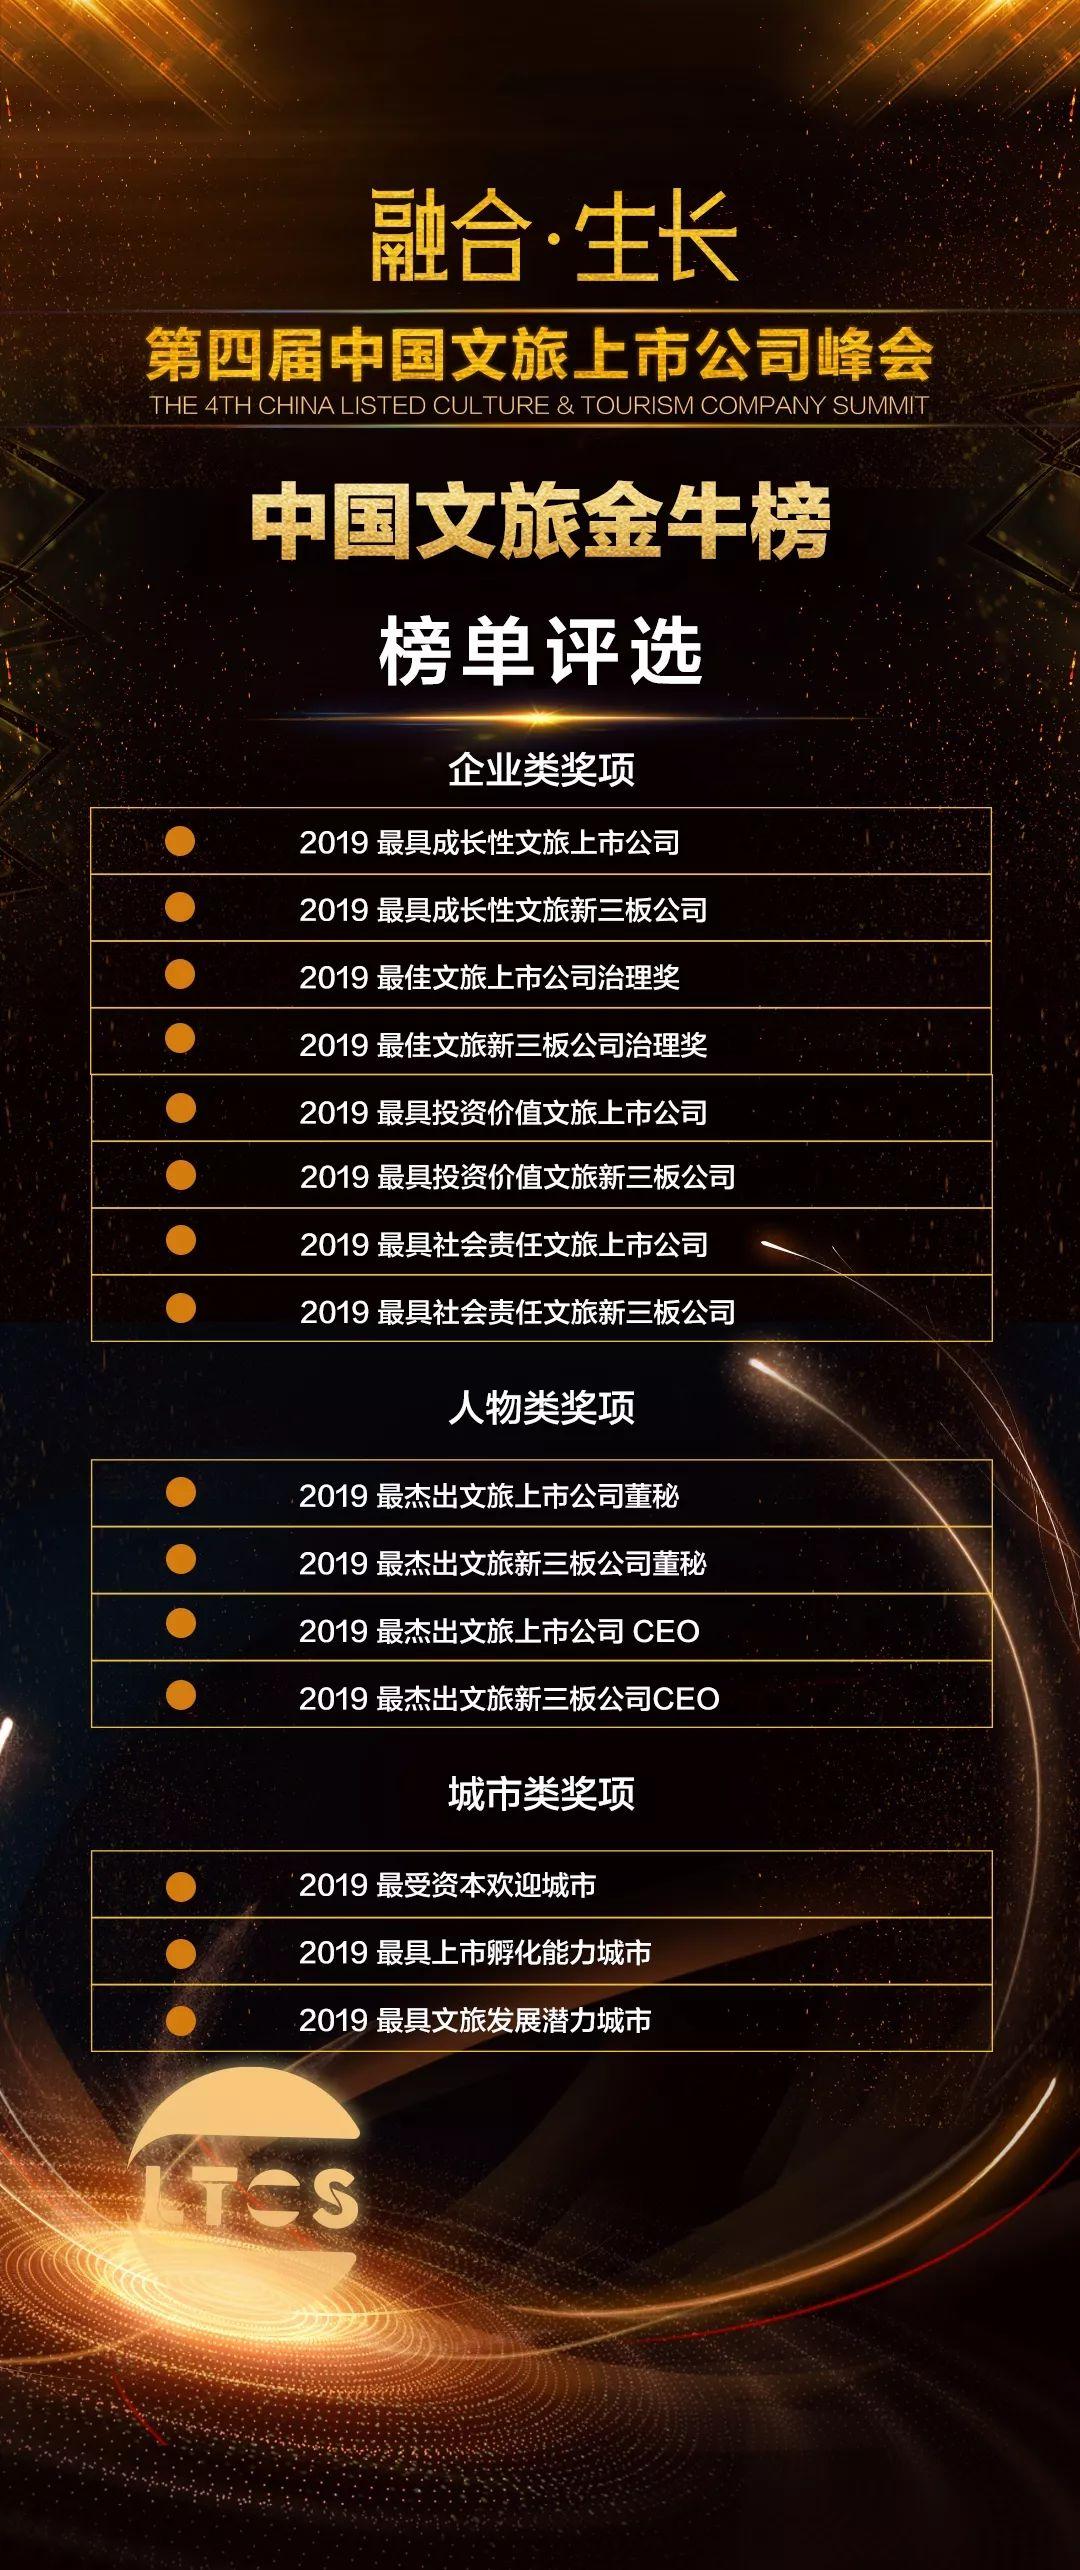 速度圍觀!中國文旅金牛榜入圍名單重磅出爐